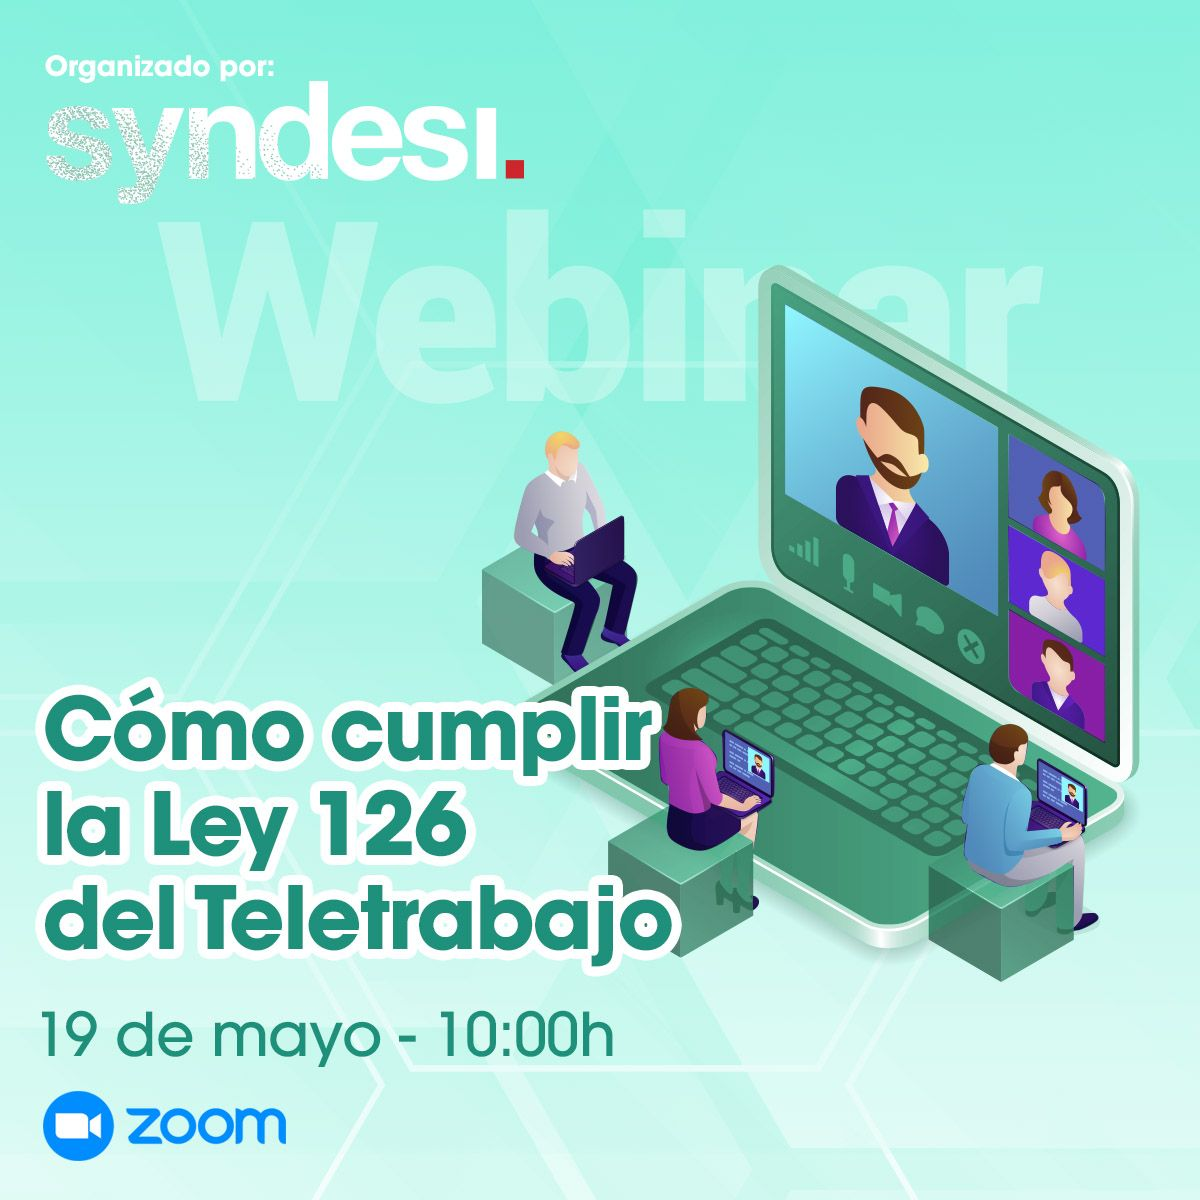 """Syndesi Consulting celebra el webinar """"Cómo cumplir la ley 126 del teletrabajo"""""""